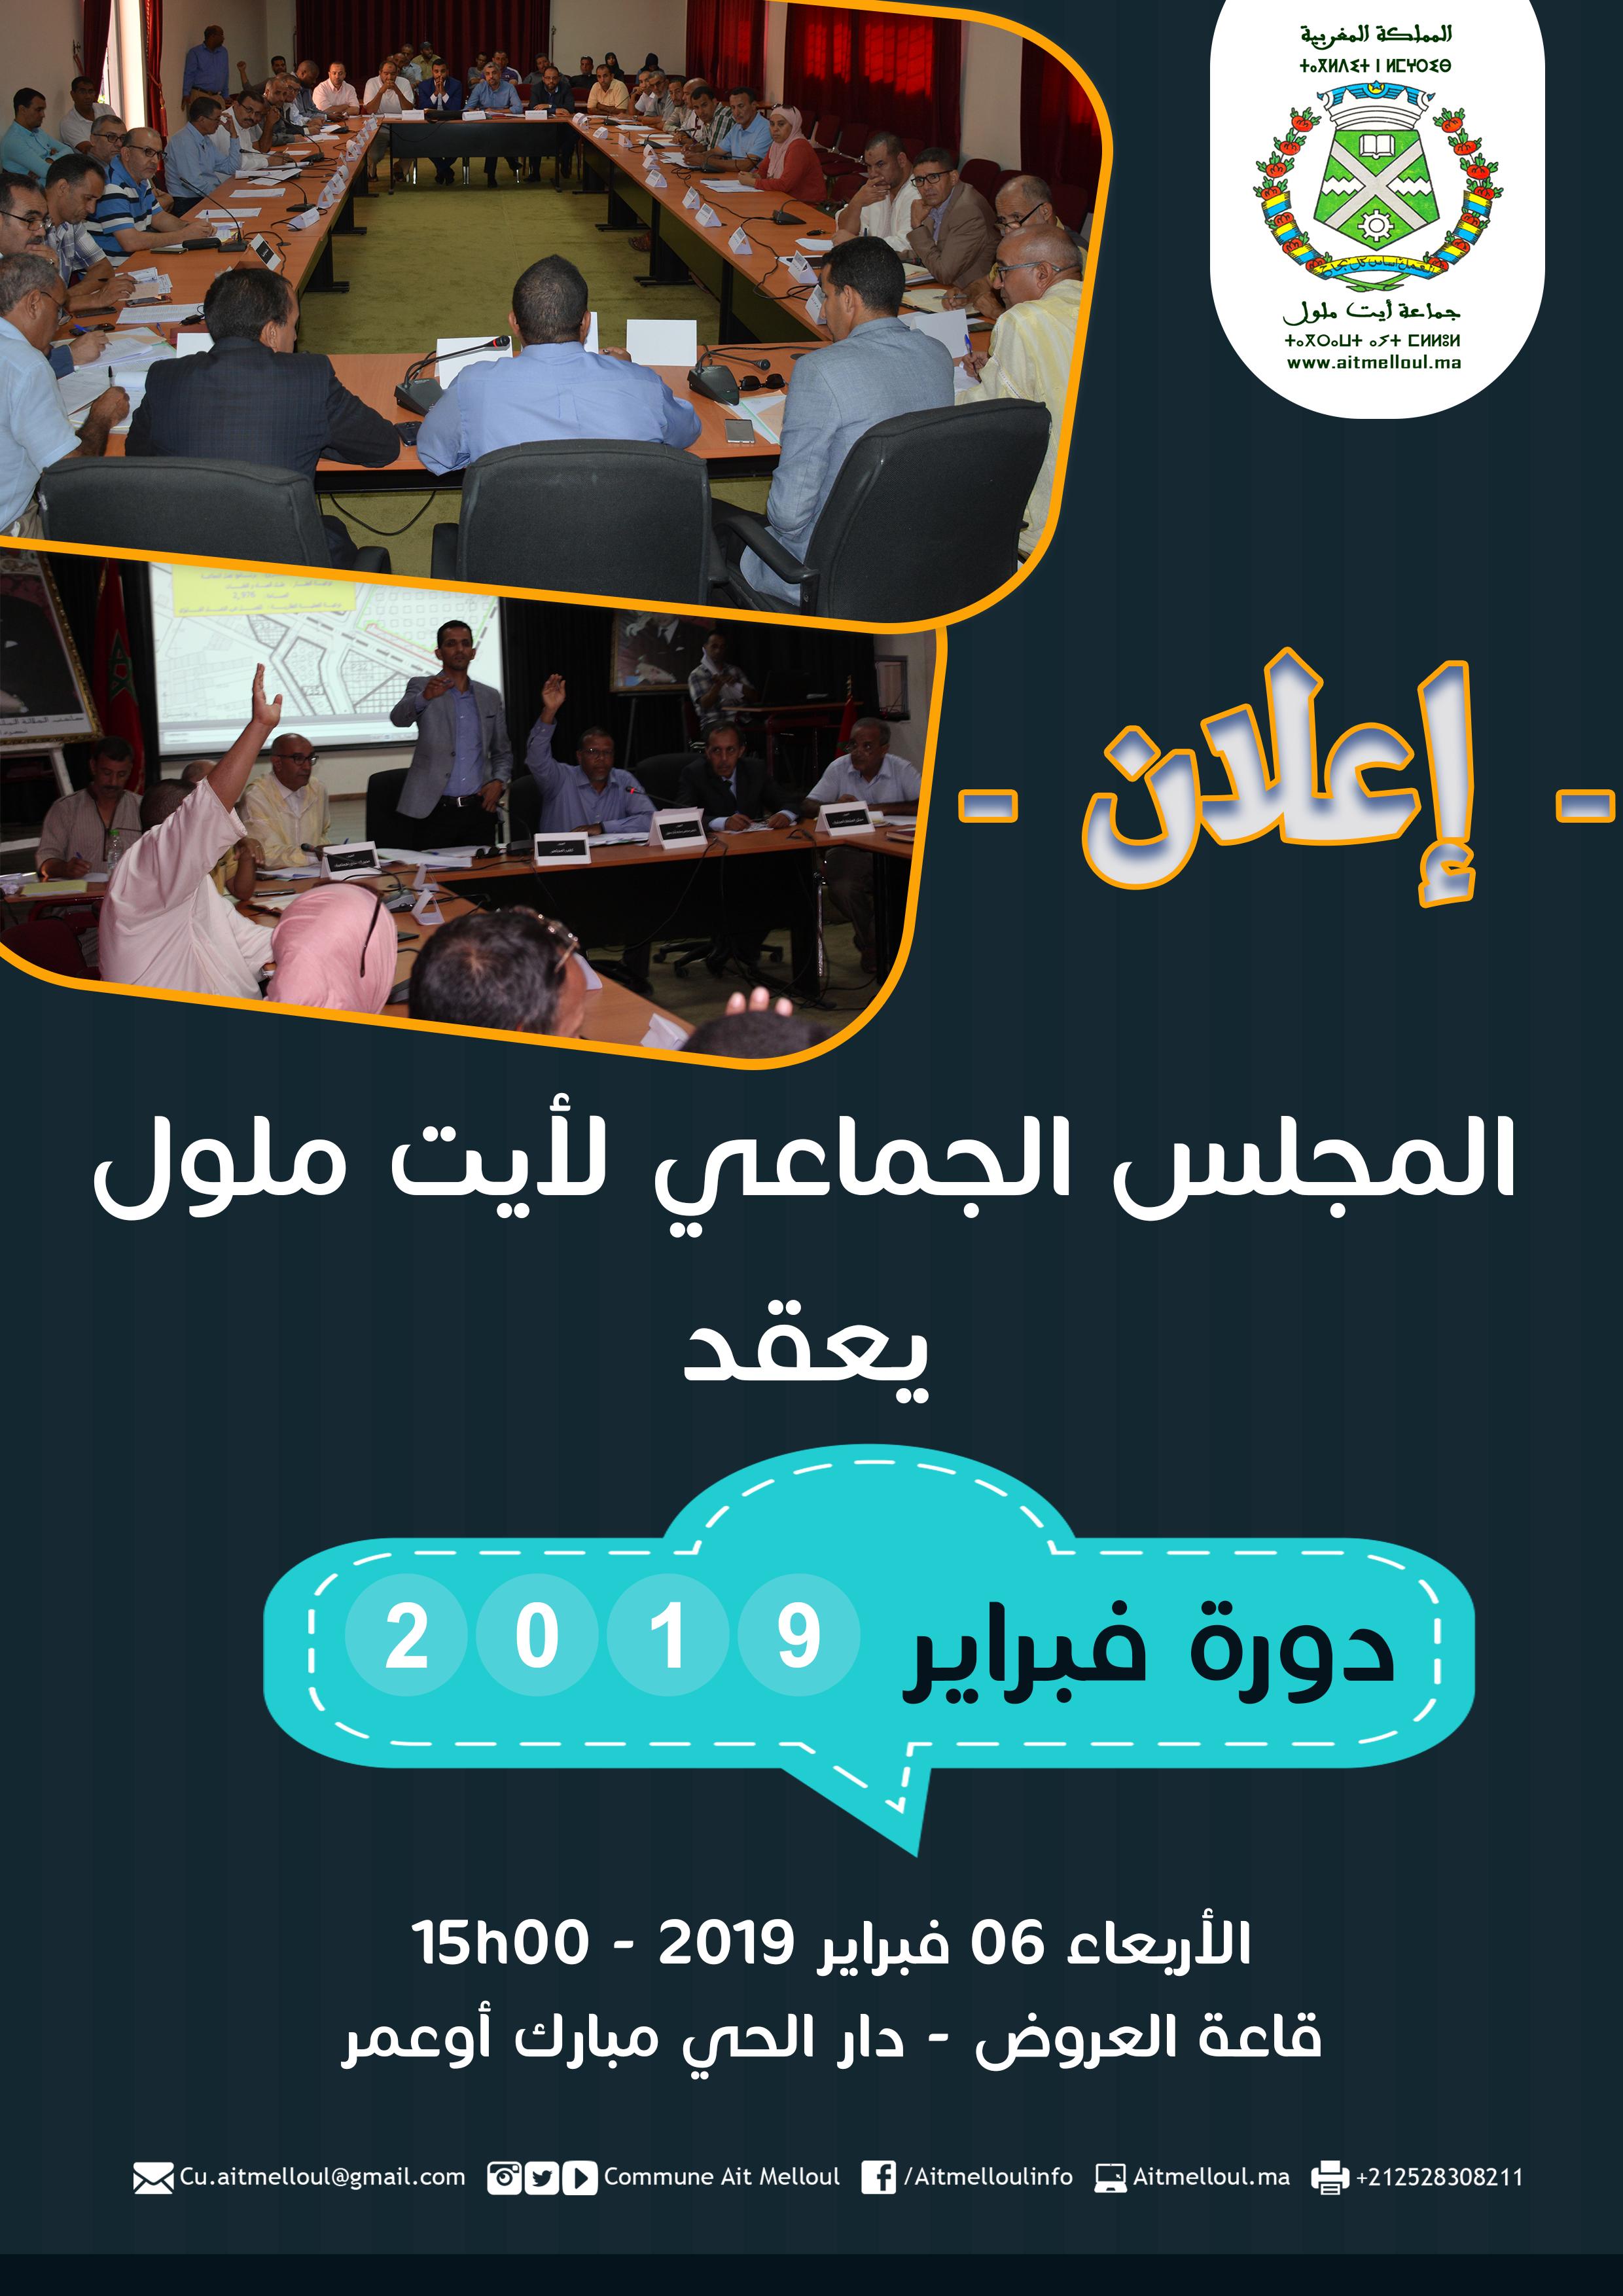 المجلس يعقد دورته العادية لشهر فبراير الأربعاء 06 فبراير 2019